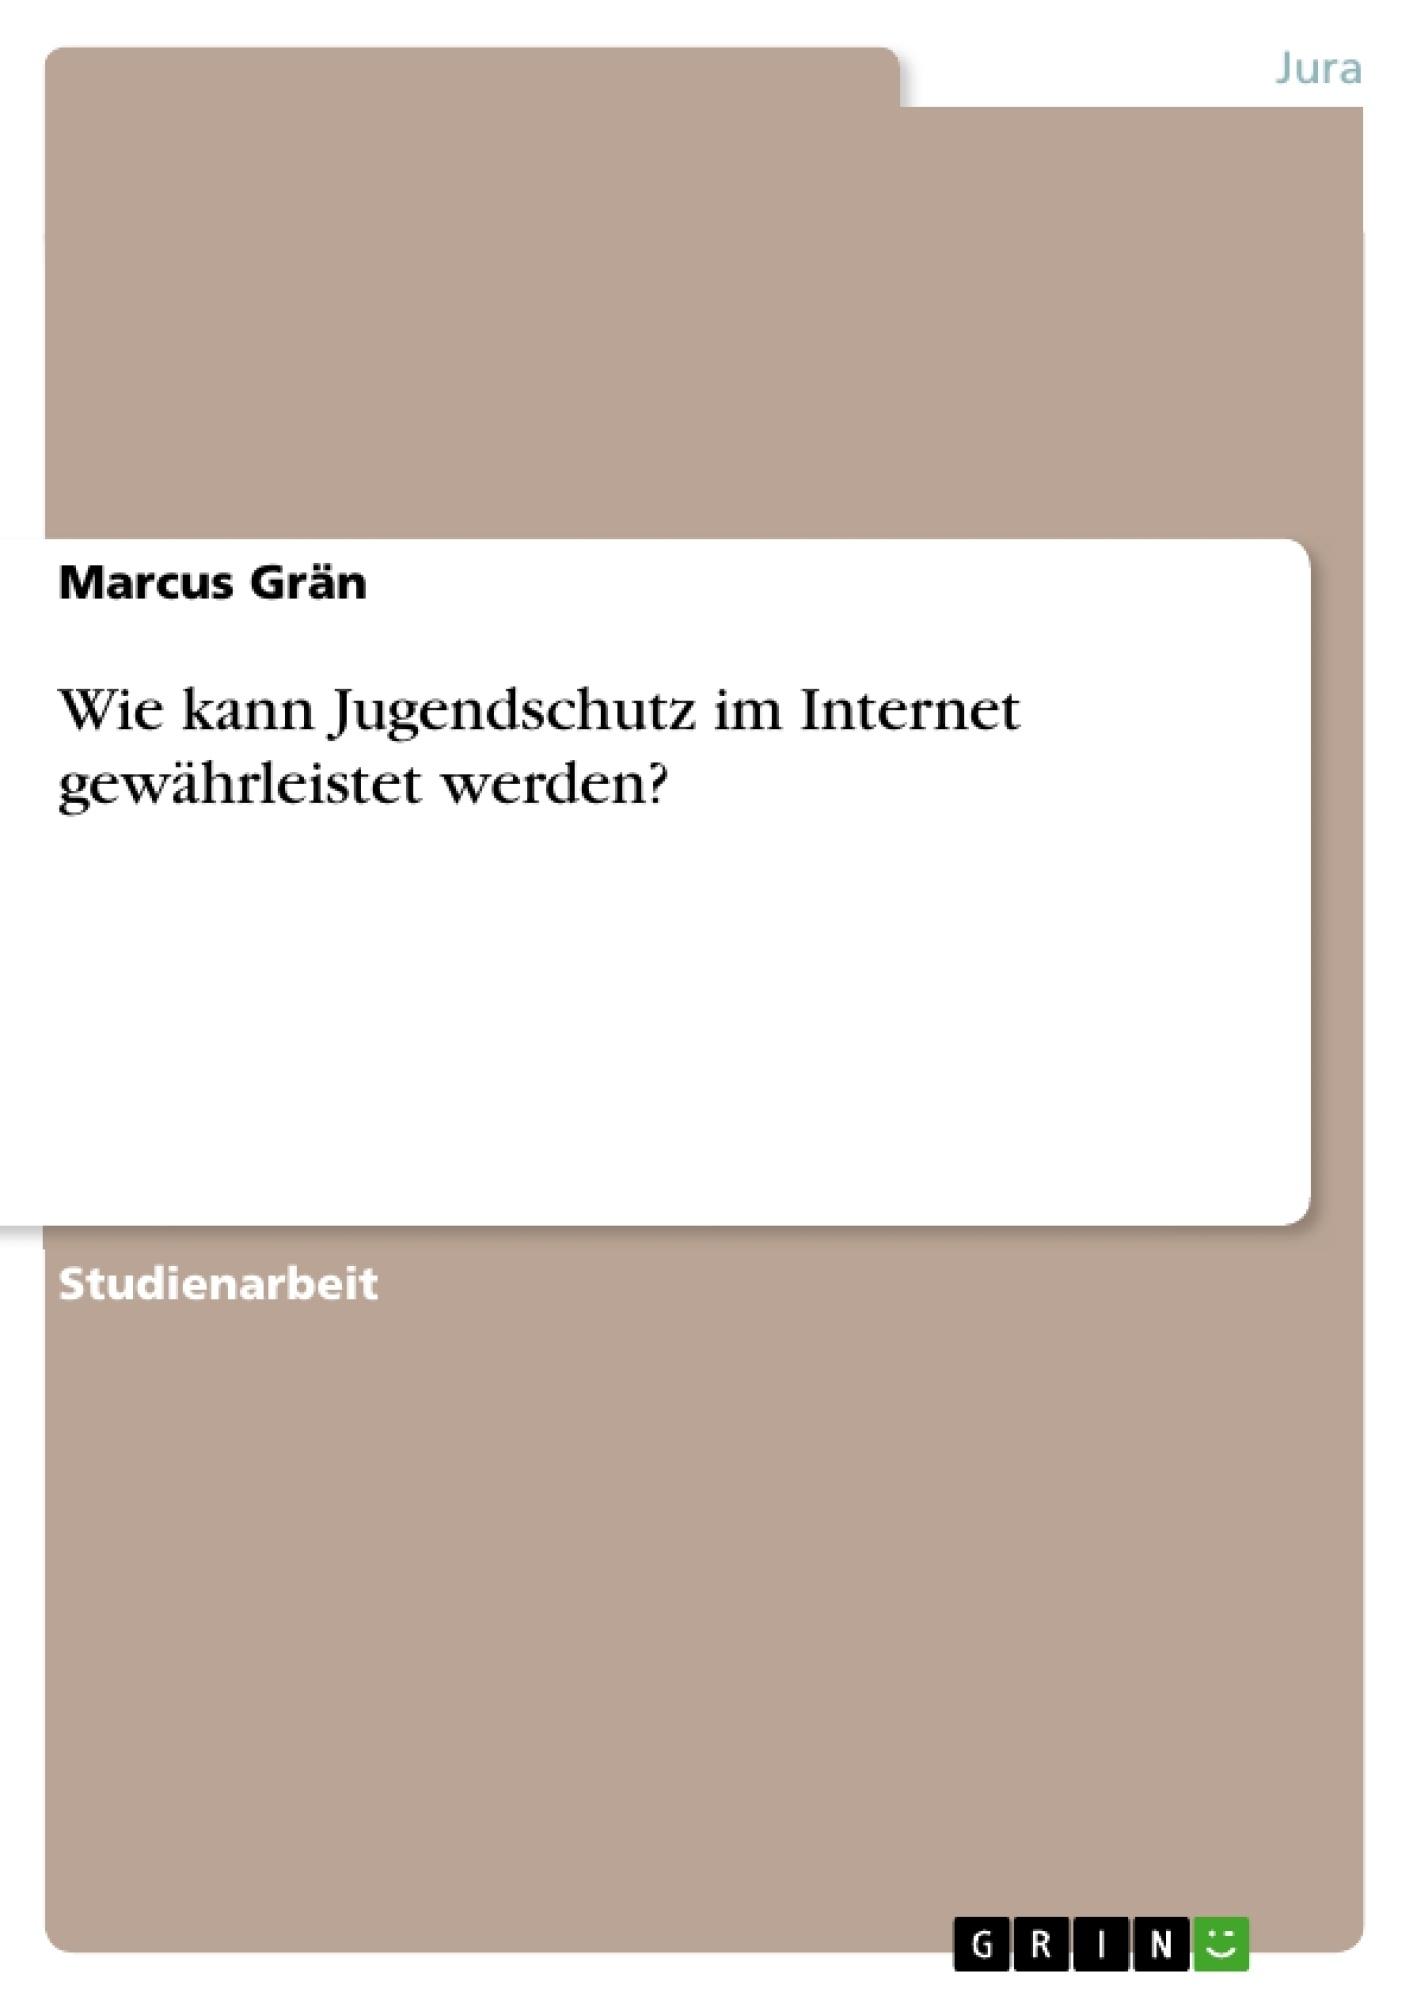 Titel: Wie kann Jugendschutz im Internet gewährleistet werden?